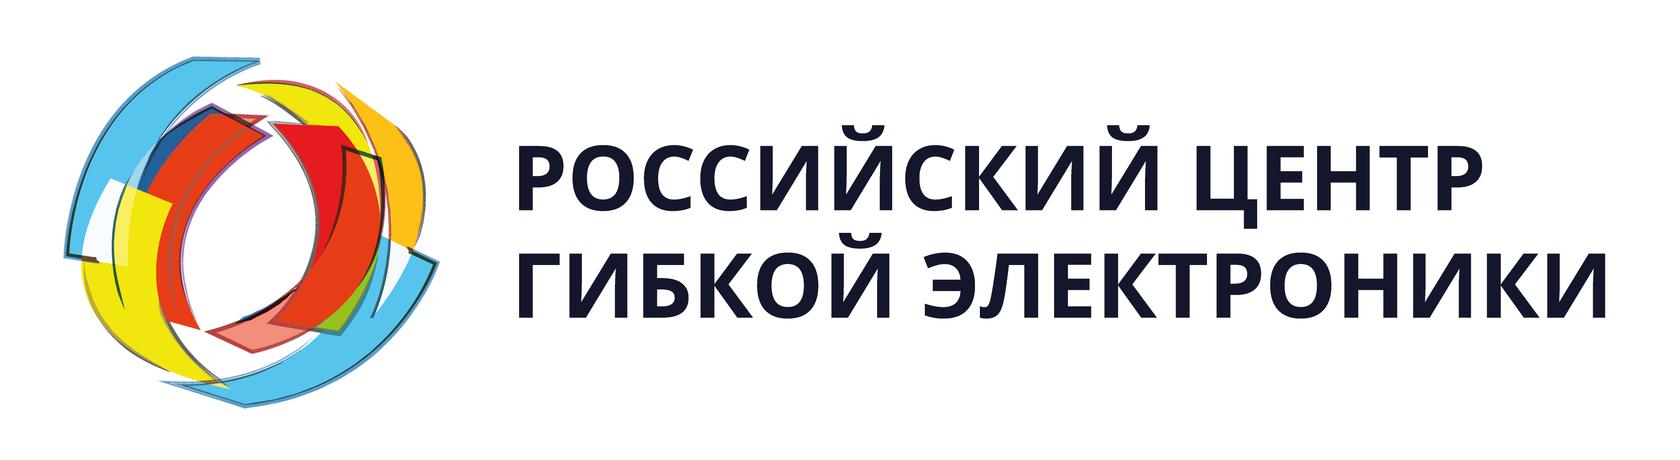 Российский центр гибкой электроники